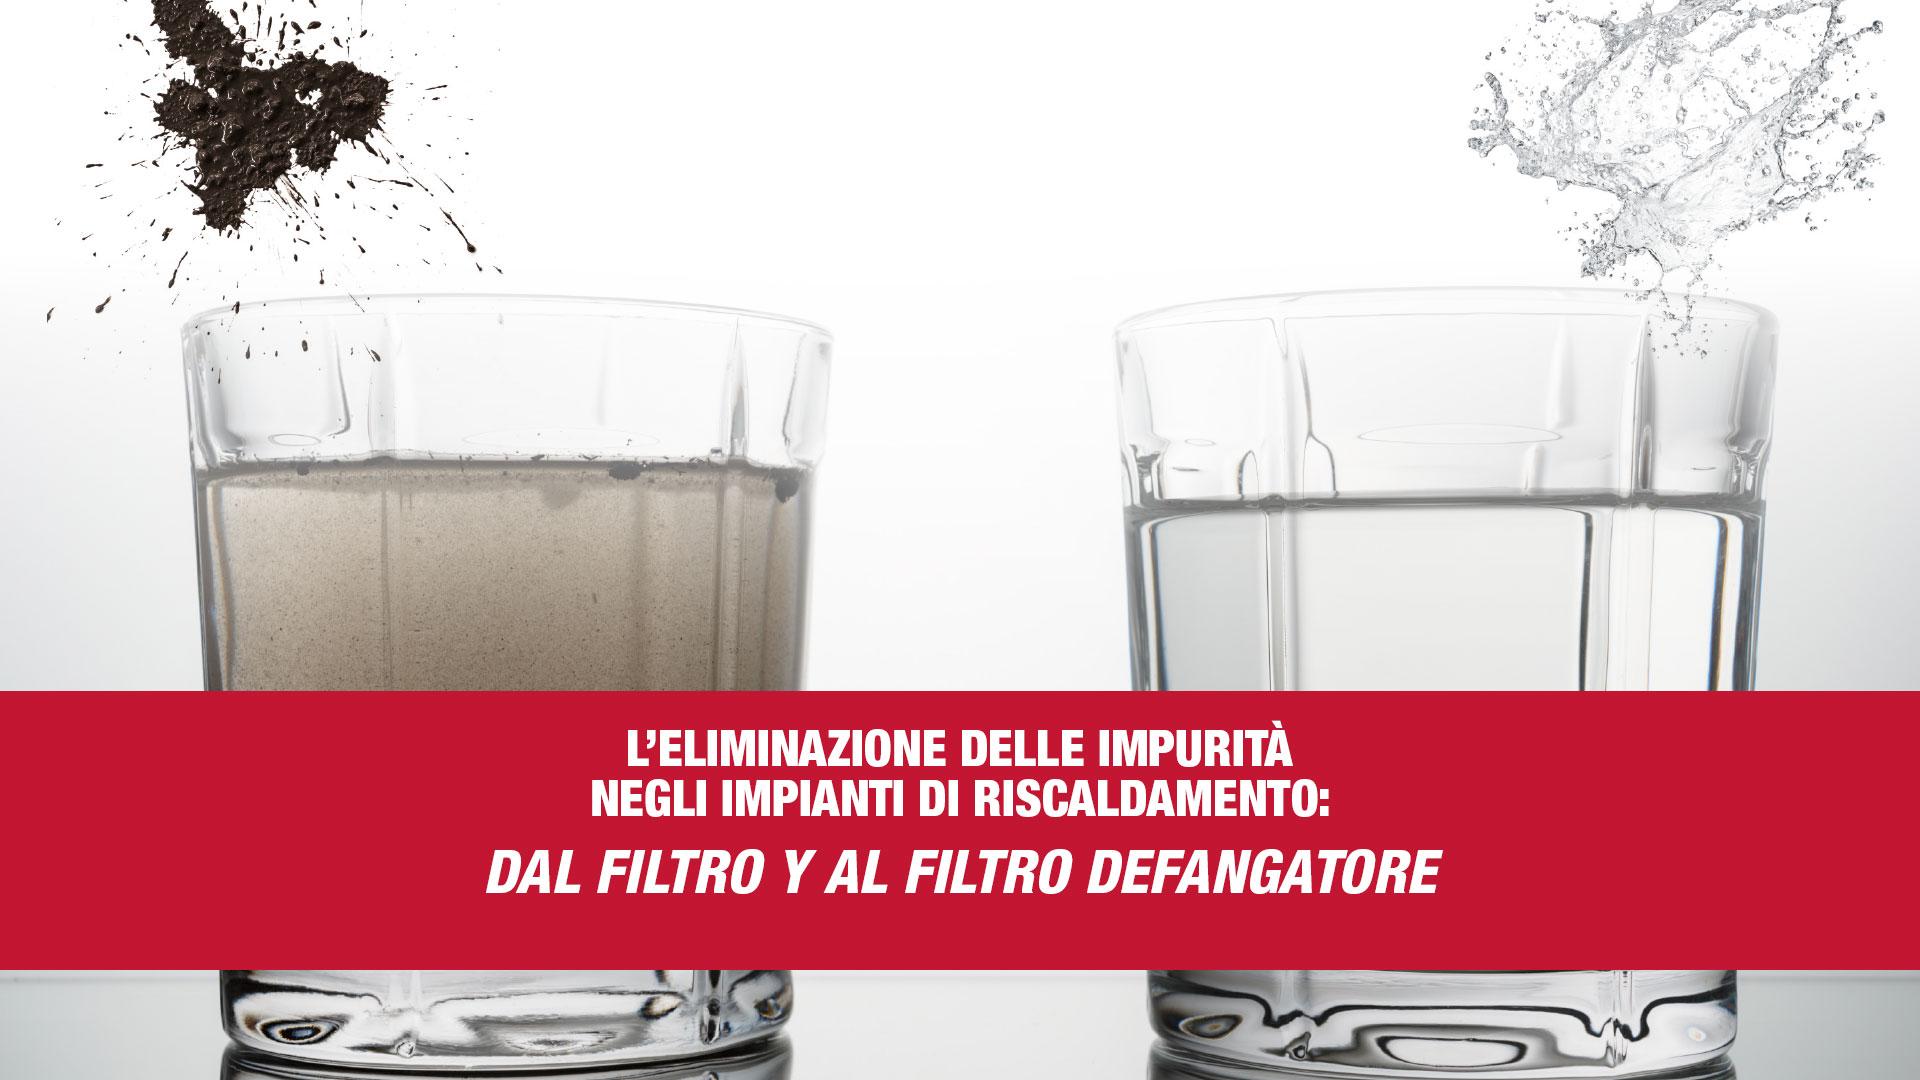 eliminazione impurità